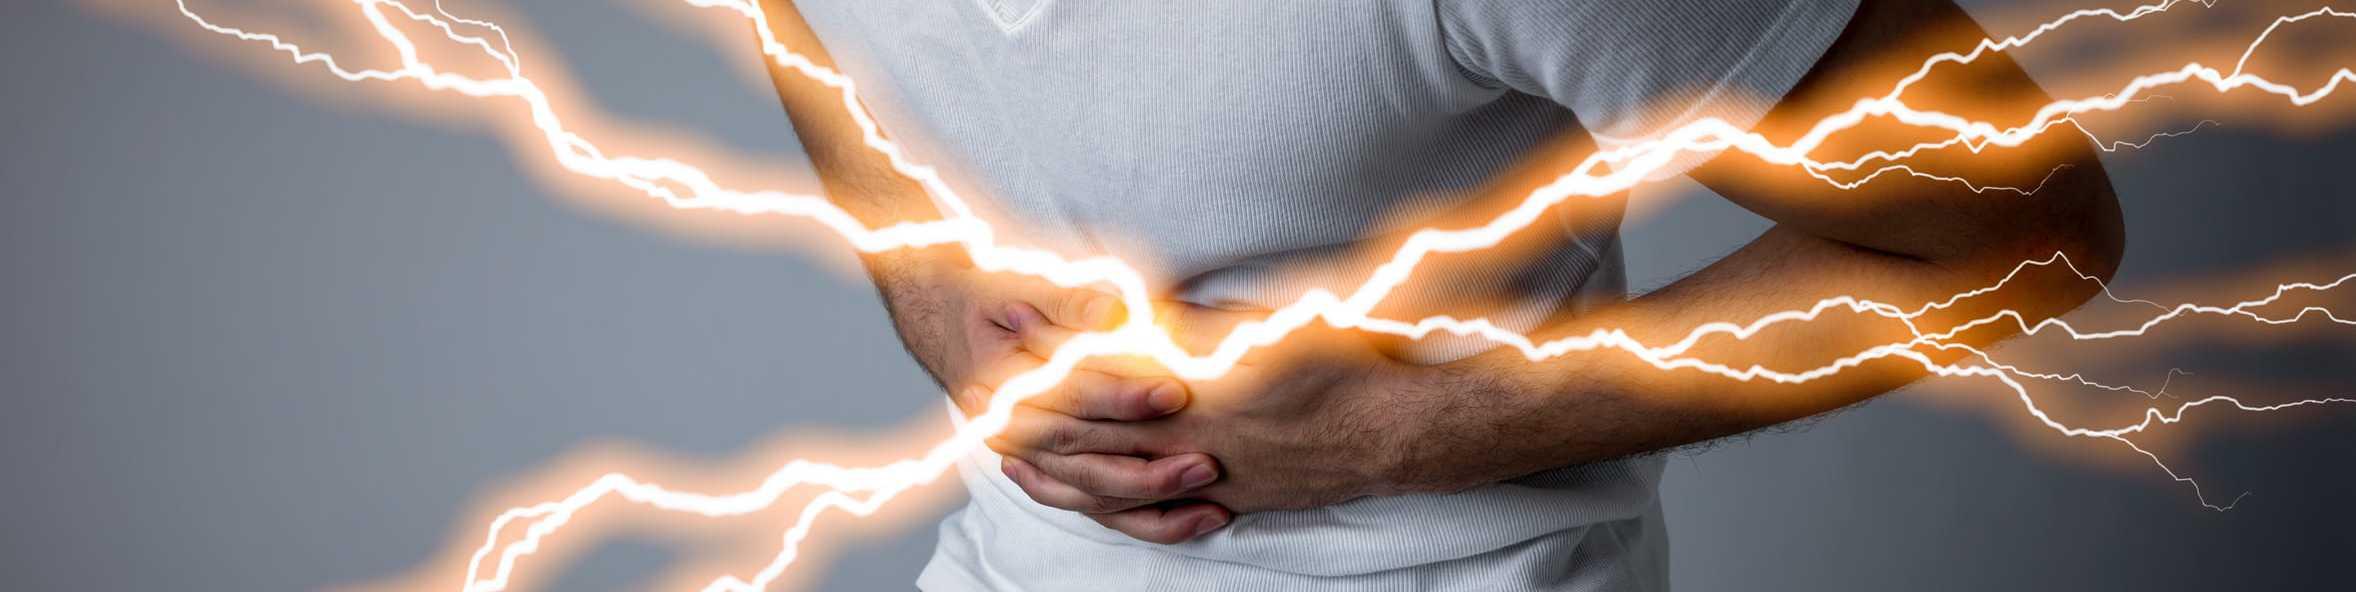 Mann mit plötzlich auftretenden Schmerzen im Oberbauch